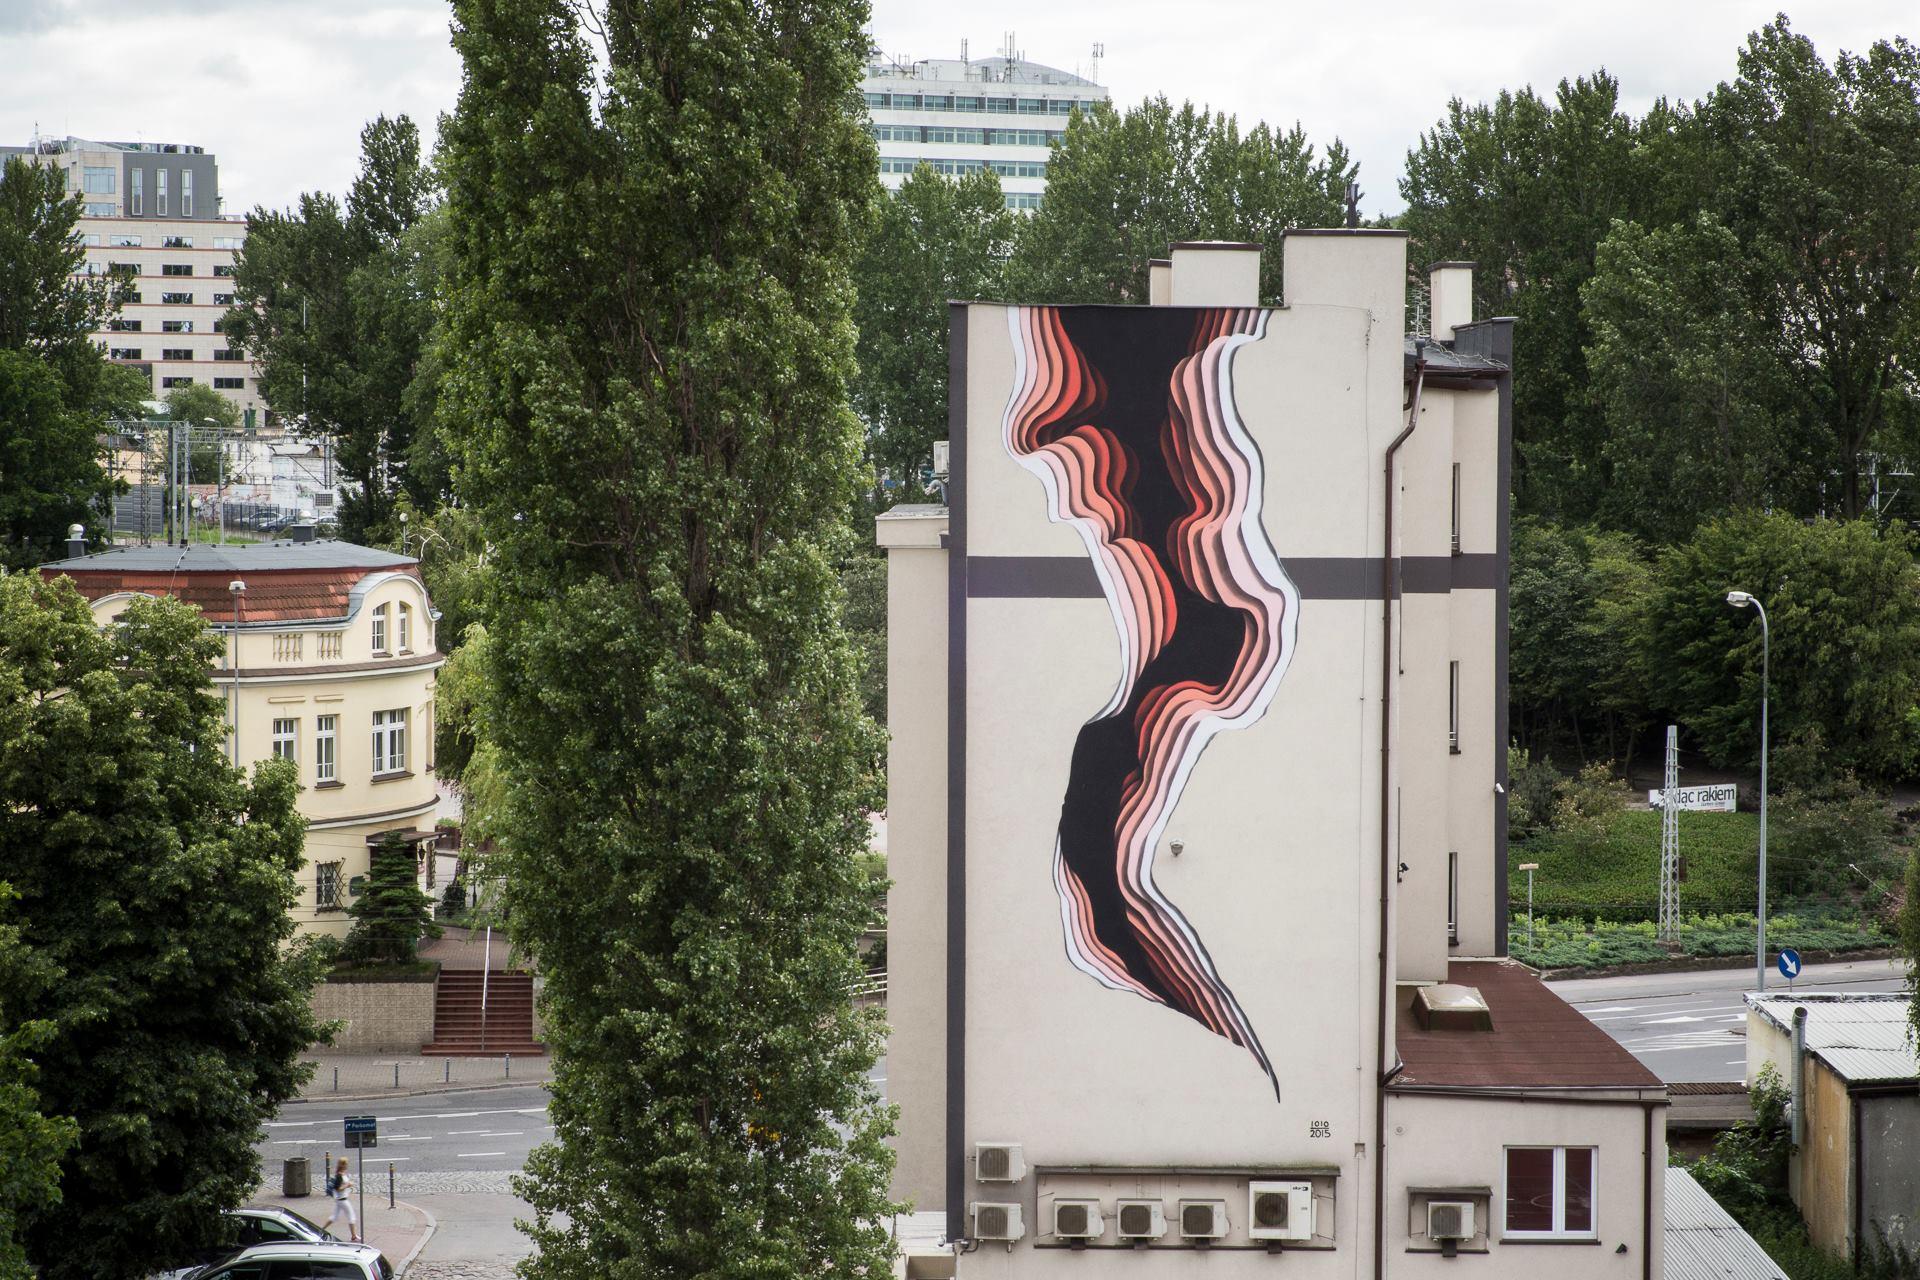 Ozdobny mural, który przypomina dużą dziurę w ścianie. Czarna otchłań otoczona jest kolorami.